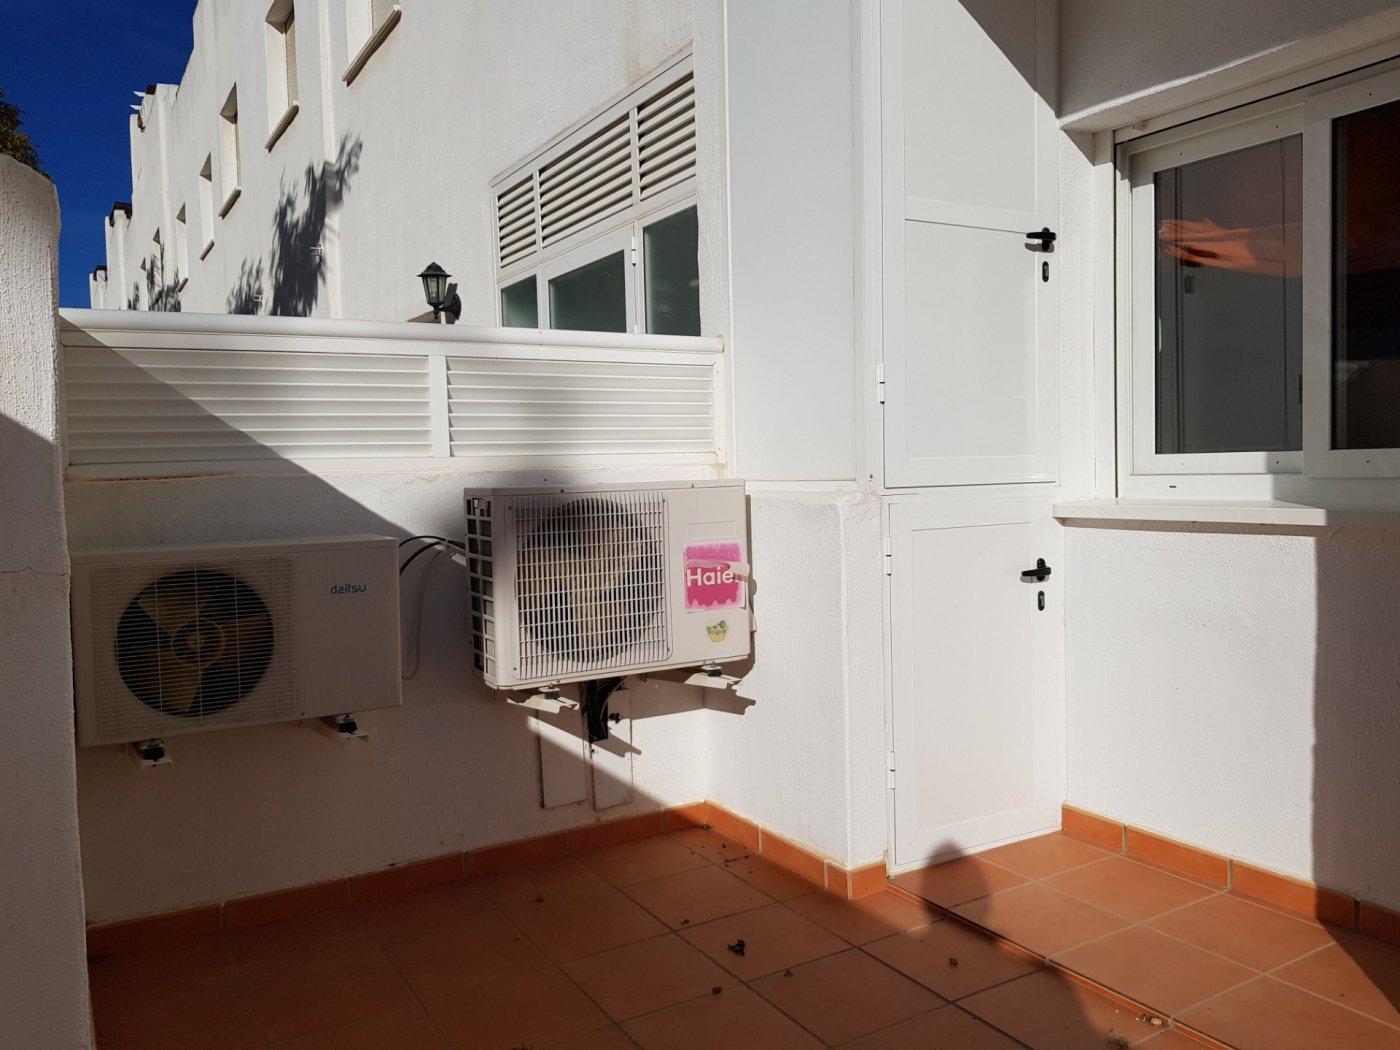 Gallery Image 27 of Planta Baja de 3 Dormitorios en los Naranjos 4 con orientacion este oeste, Condado de Alhama